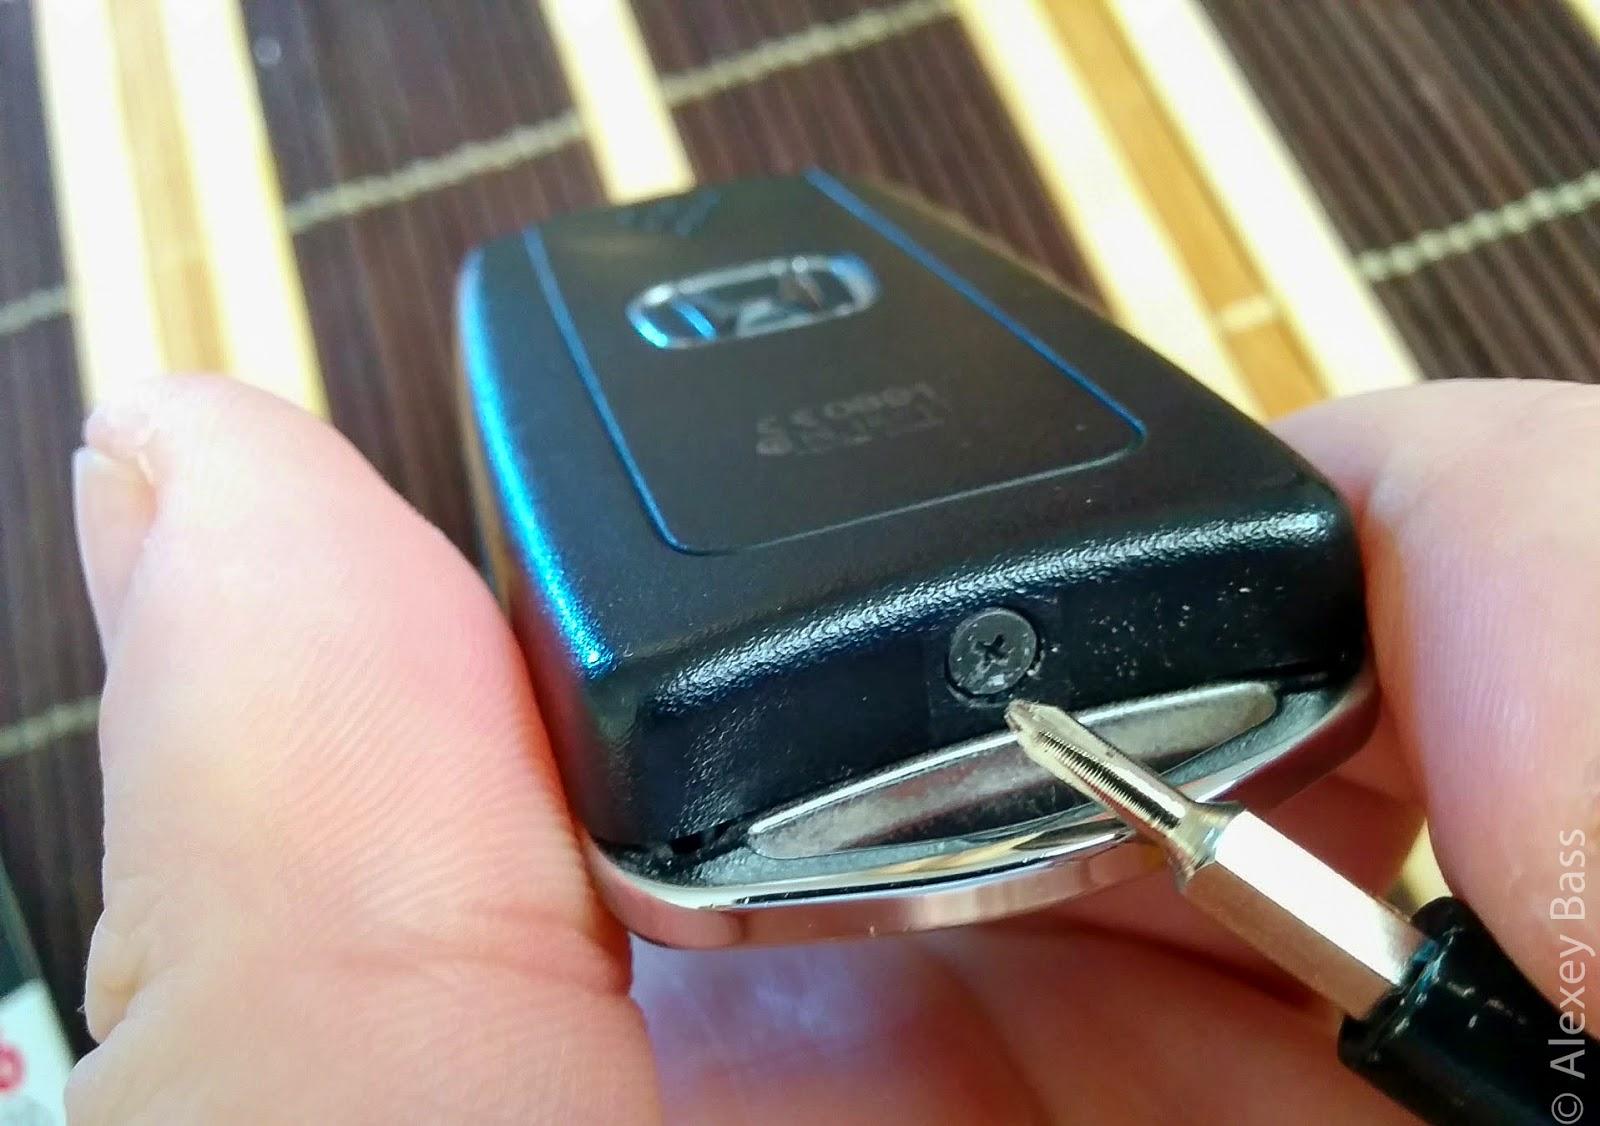 new honda civic hatchback mk9 2013 keyfob battery replacement. Black Bedroom Furniture Sets. Home Design Ideas